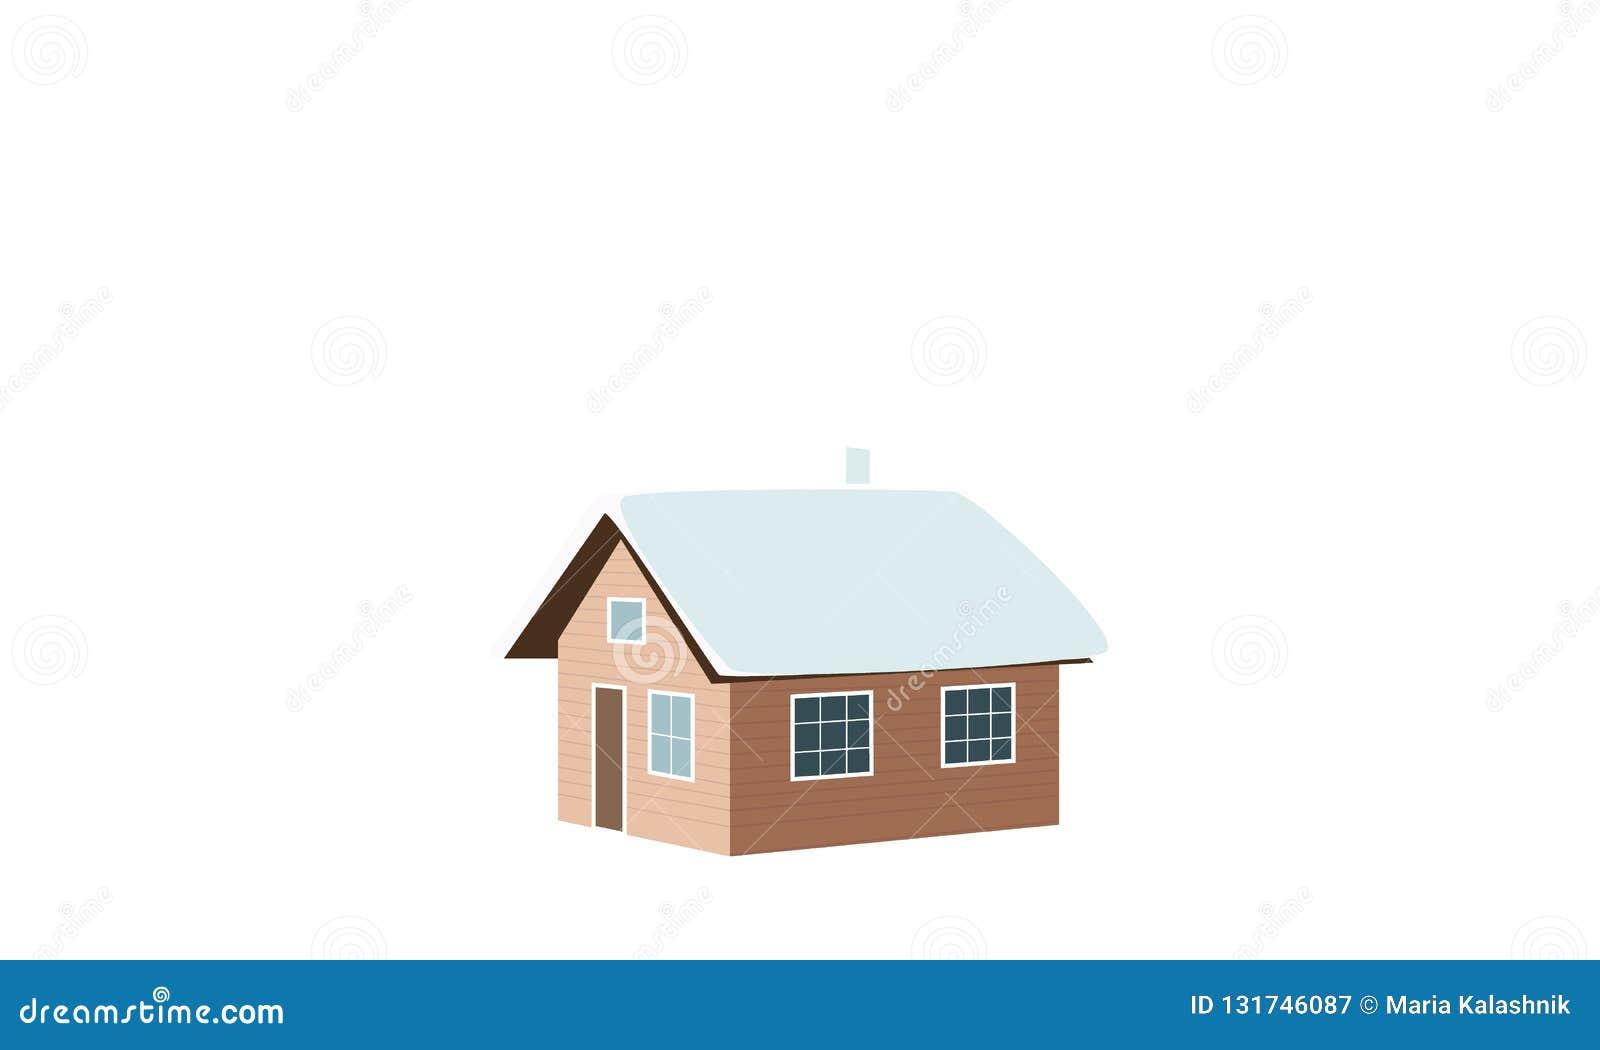 背景圣诞节关闭红色时间 冬天房子,棚子,小屋,客舱,棚子,简陋小木屋,轻便小床,村庄,雪加盖了窗口烟囱烟传染媒介例证